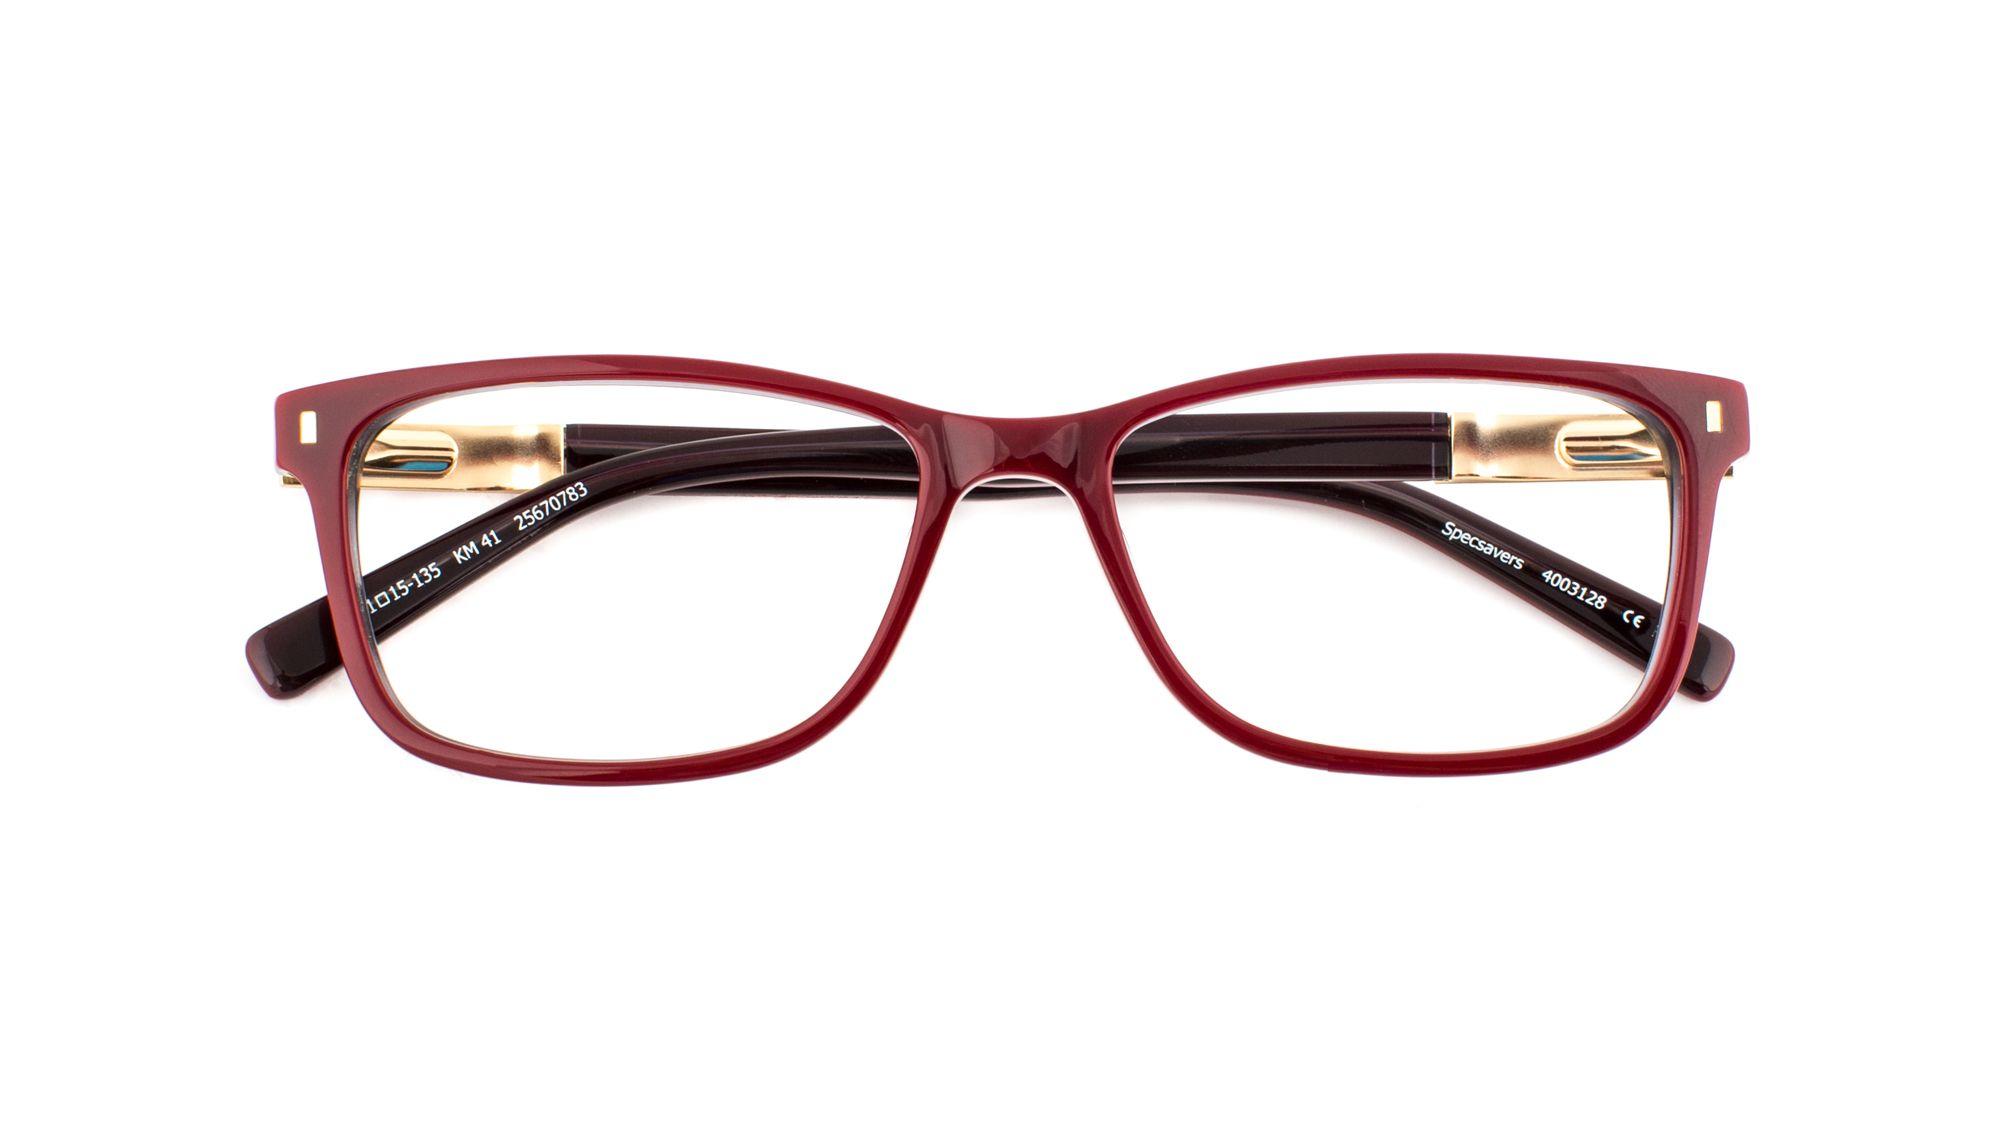 f2f1be0565a Karen Millen glasses - KAREN MILLEN 41 RED  299